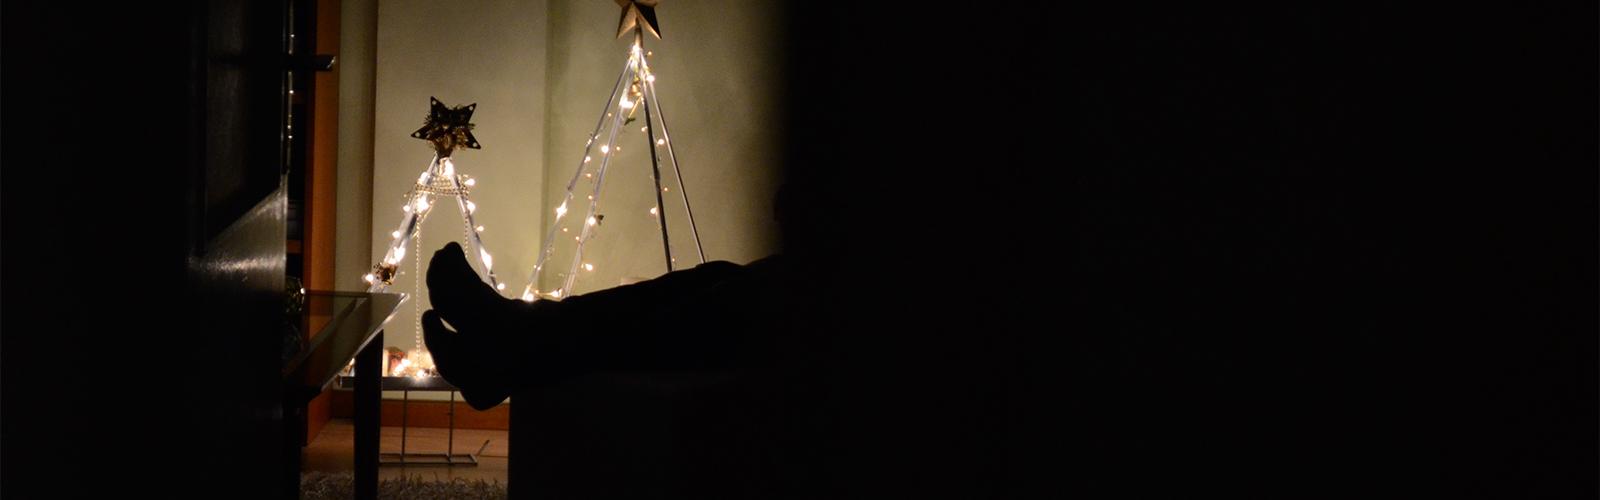 A Tearful Christmas